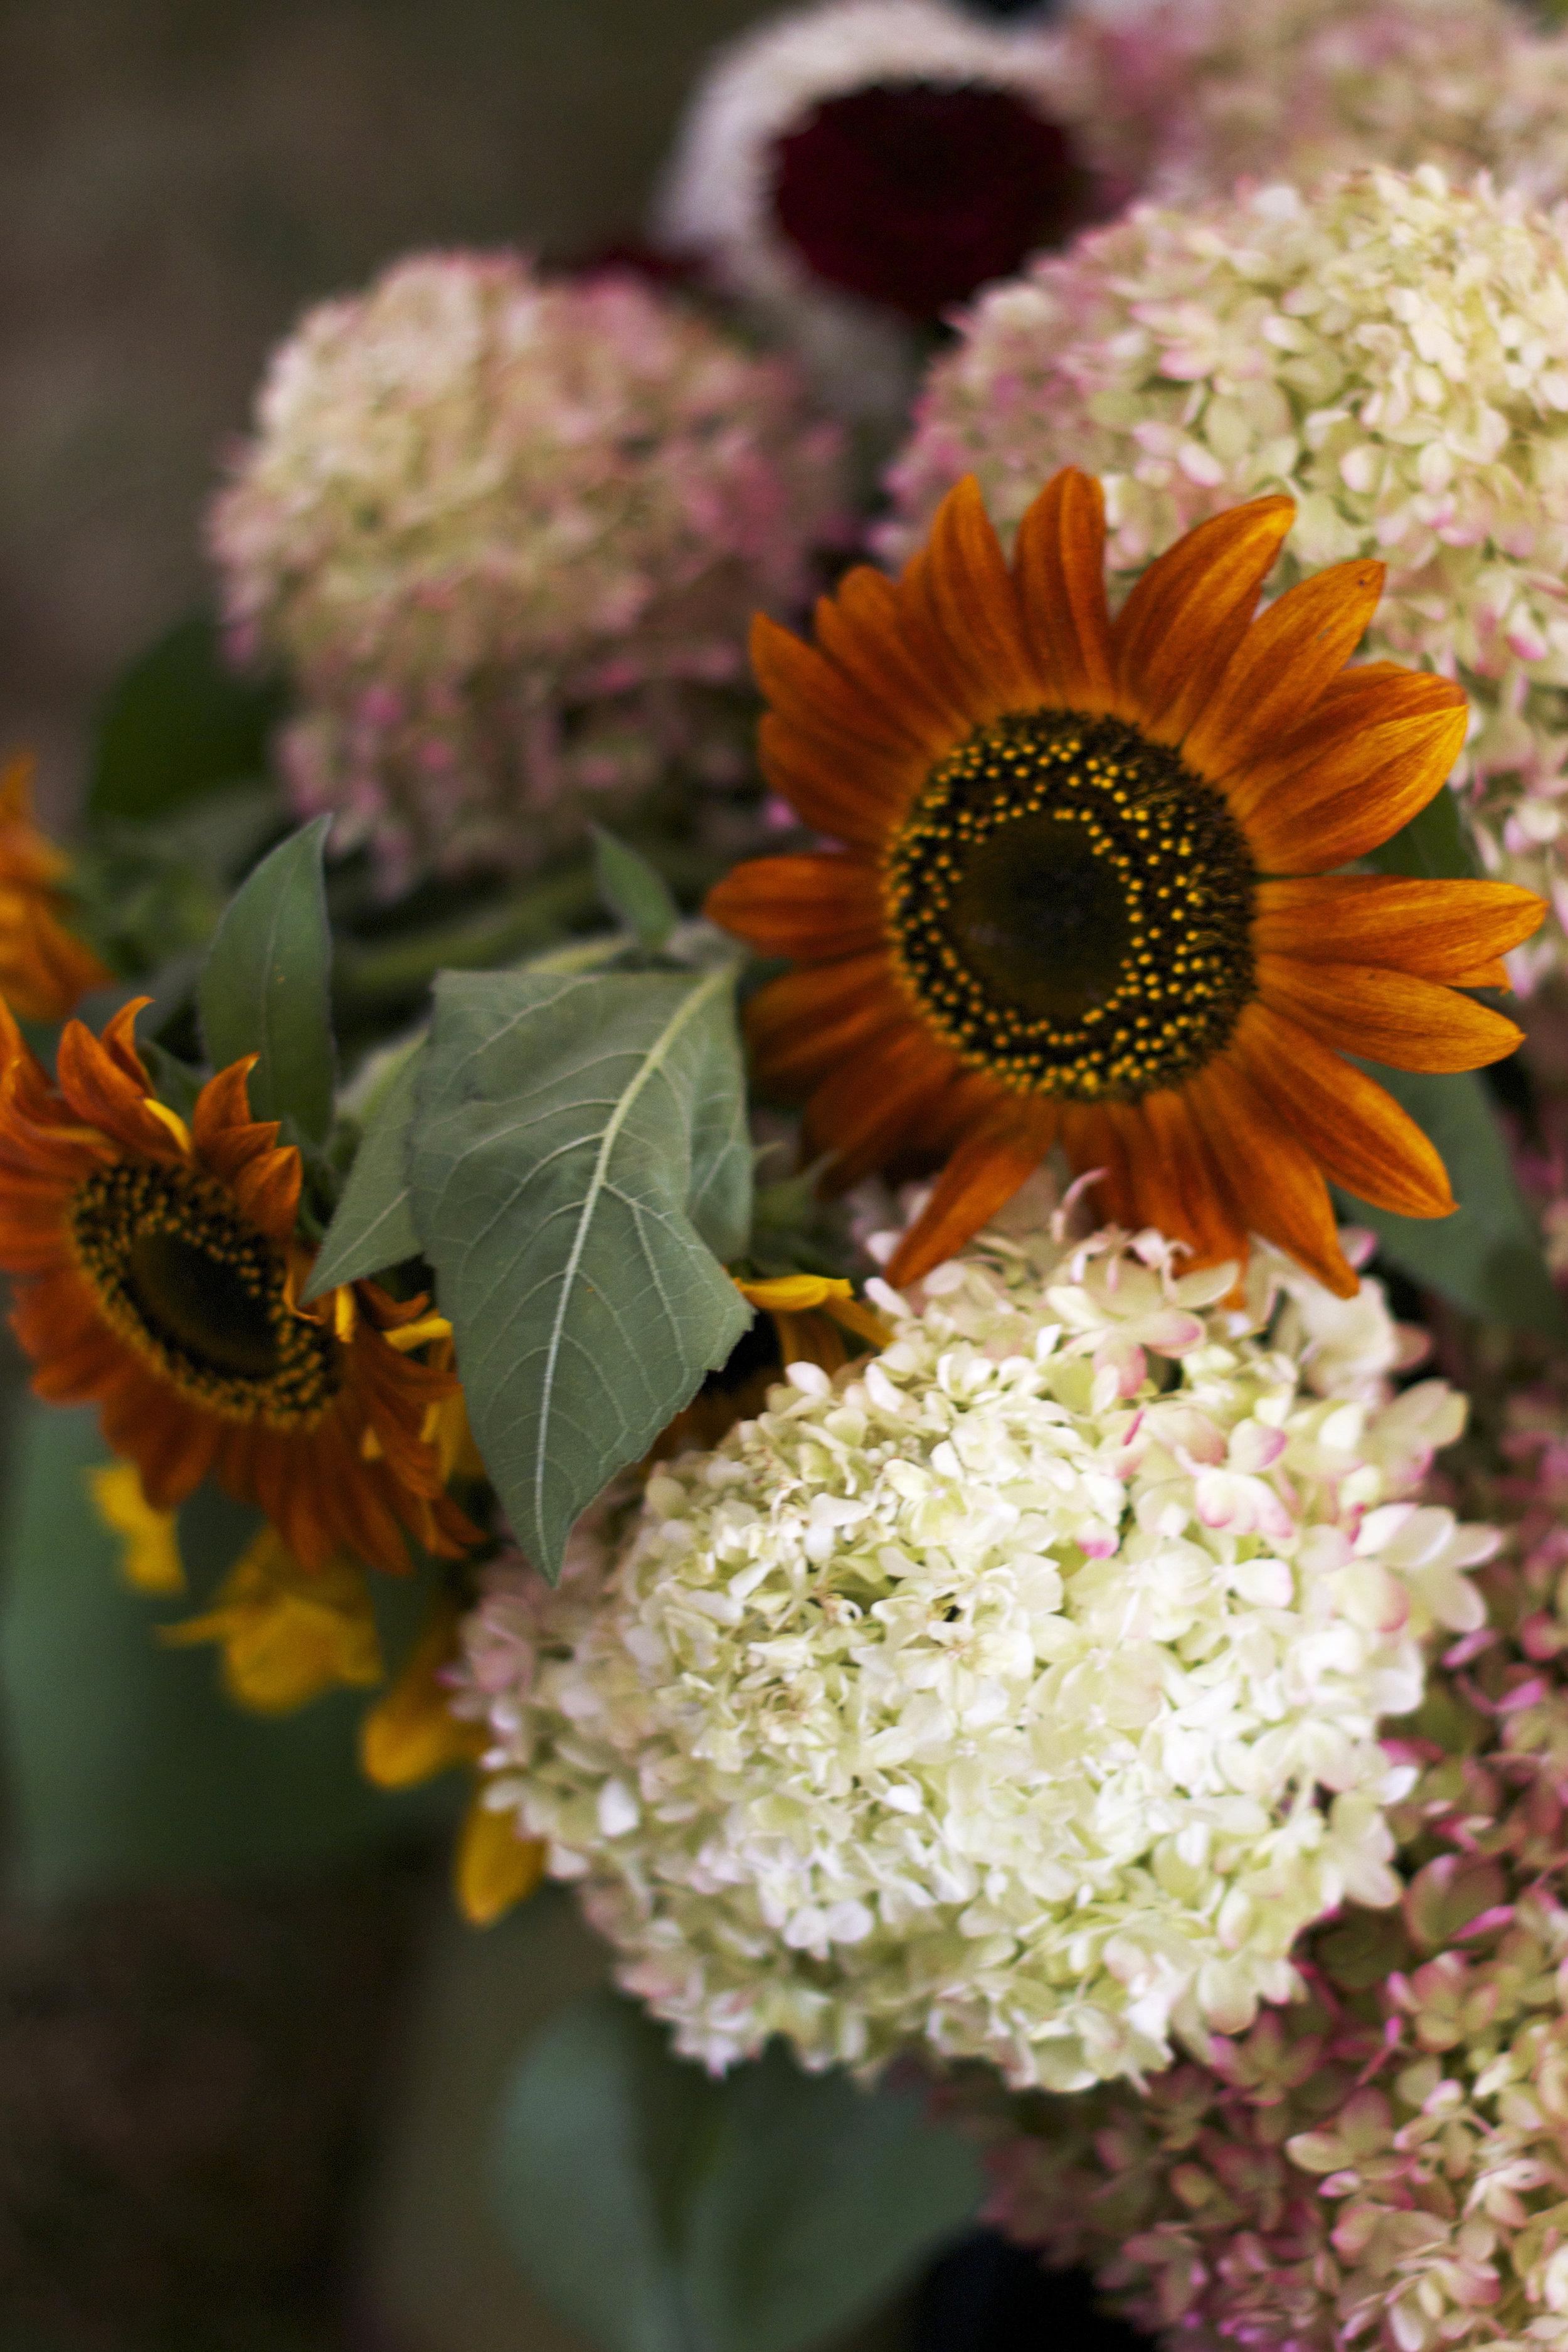 floral-autumn-bouquet.jpg